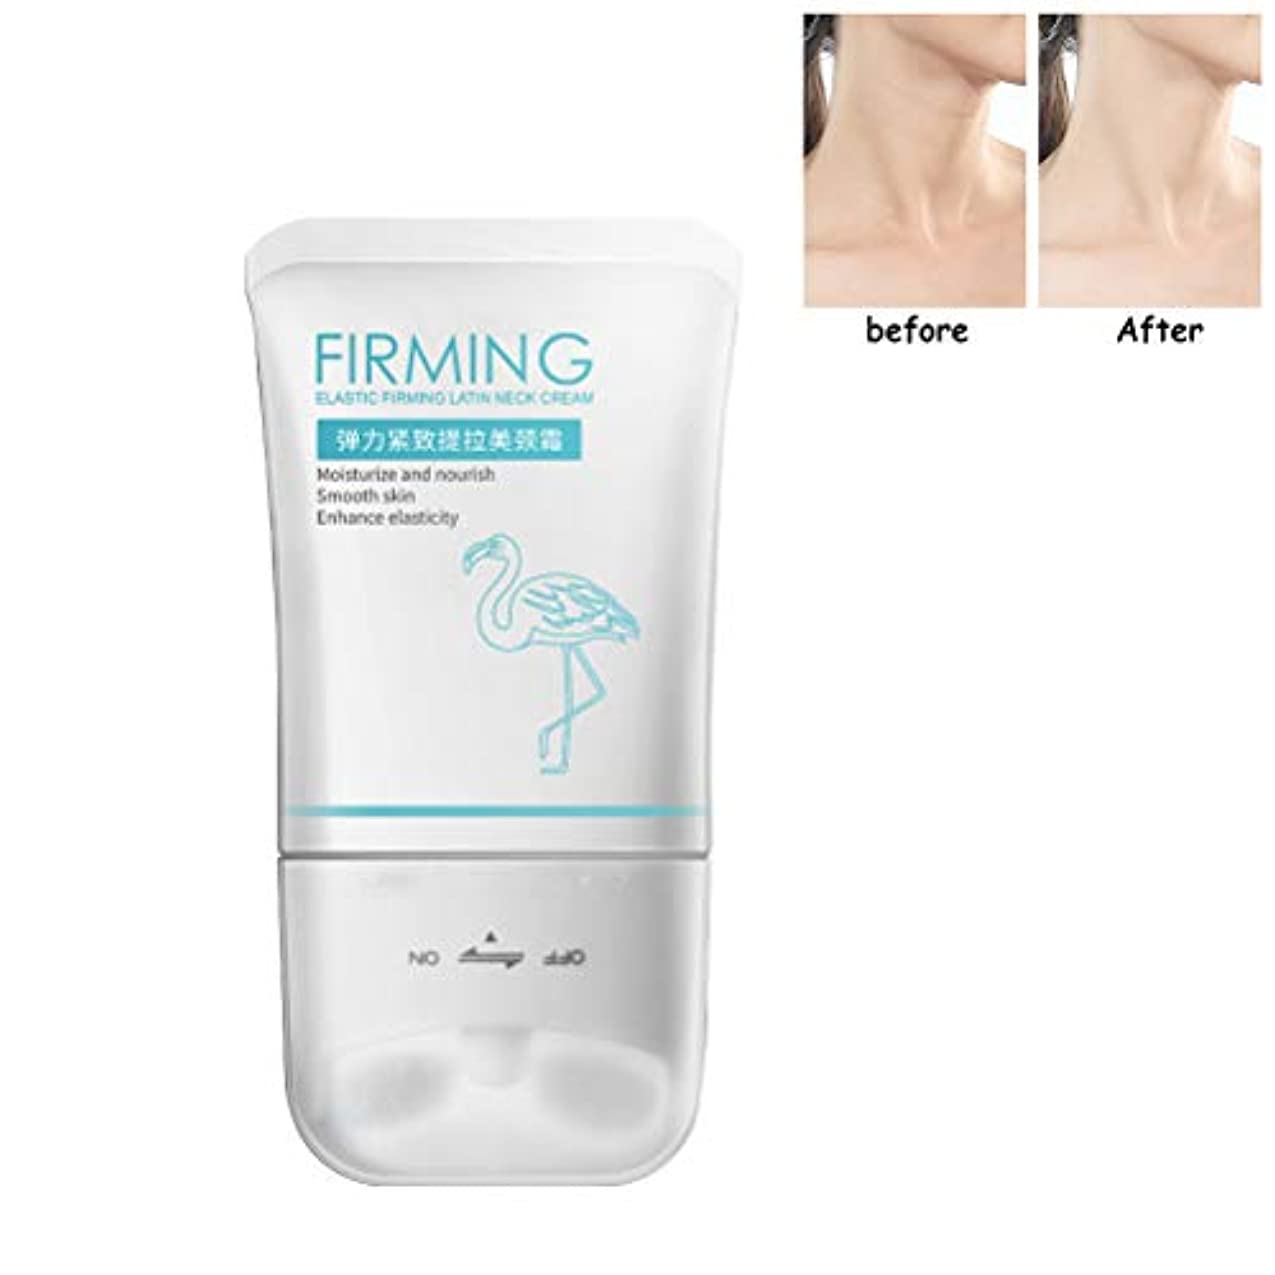 大腿ブランデーボイラーCreacom ネッククリーム ローラークリーム しわを取り除く 補水 保湿 首紋を解消する ネックマスク スキンケア 美白 美肌 美容 保湿 栄養 ファーミング シワを防ぐ 男女兼用 120g